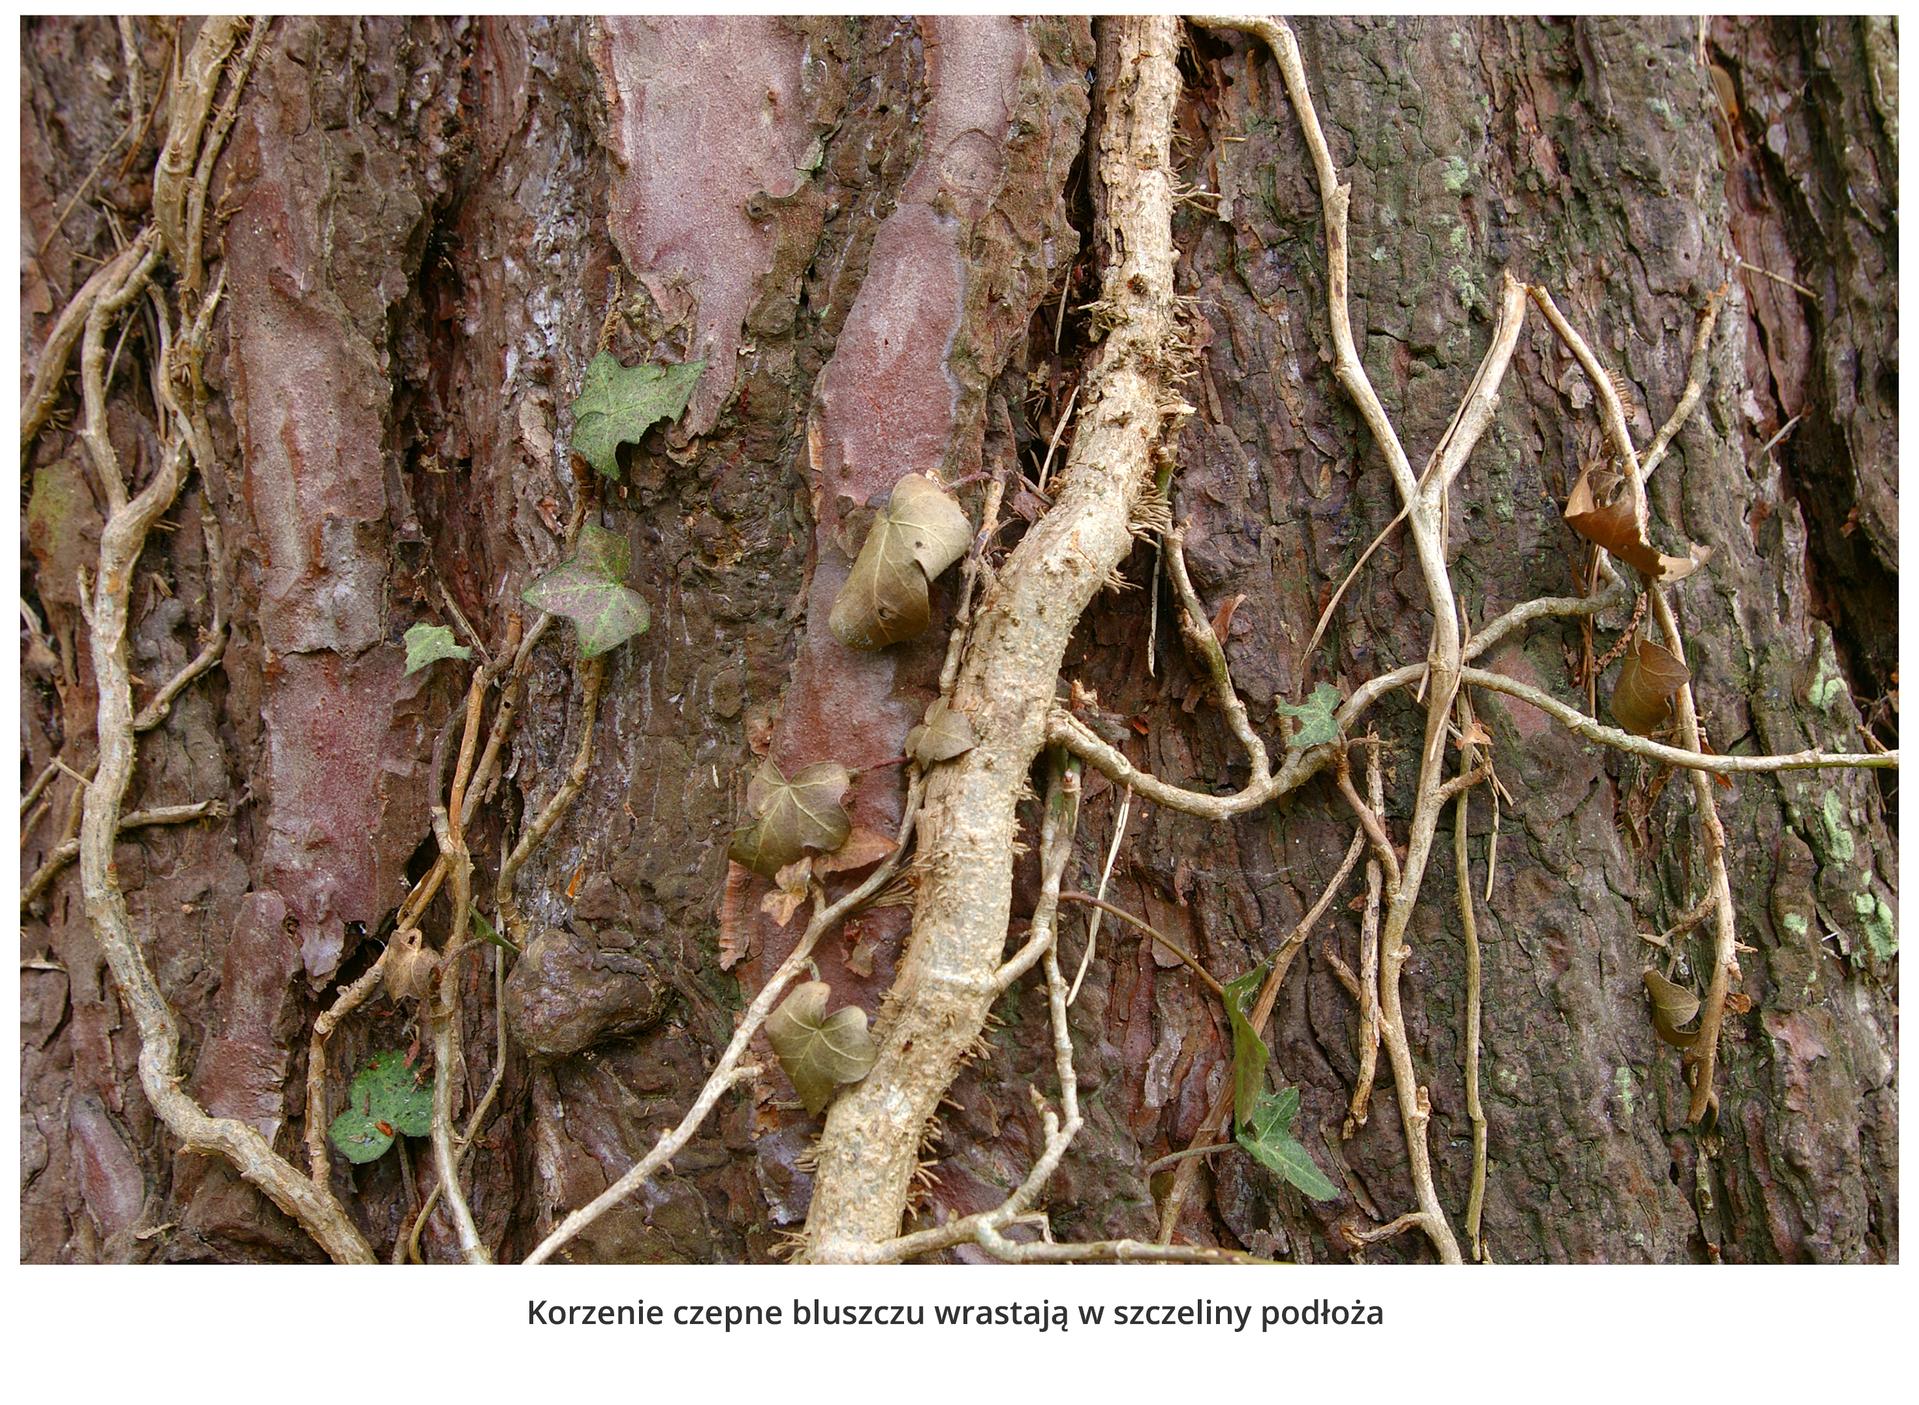 Fotografia przedstawia zbliżenie pędu bluszczu na pniu drzewa. Żeby móc się wspinać, korzenie czepne bluszczu wrastają wszczeliny podłoża.